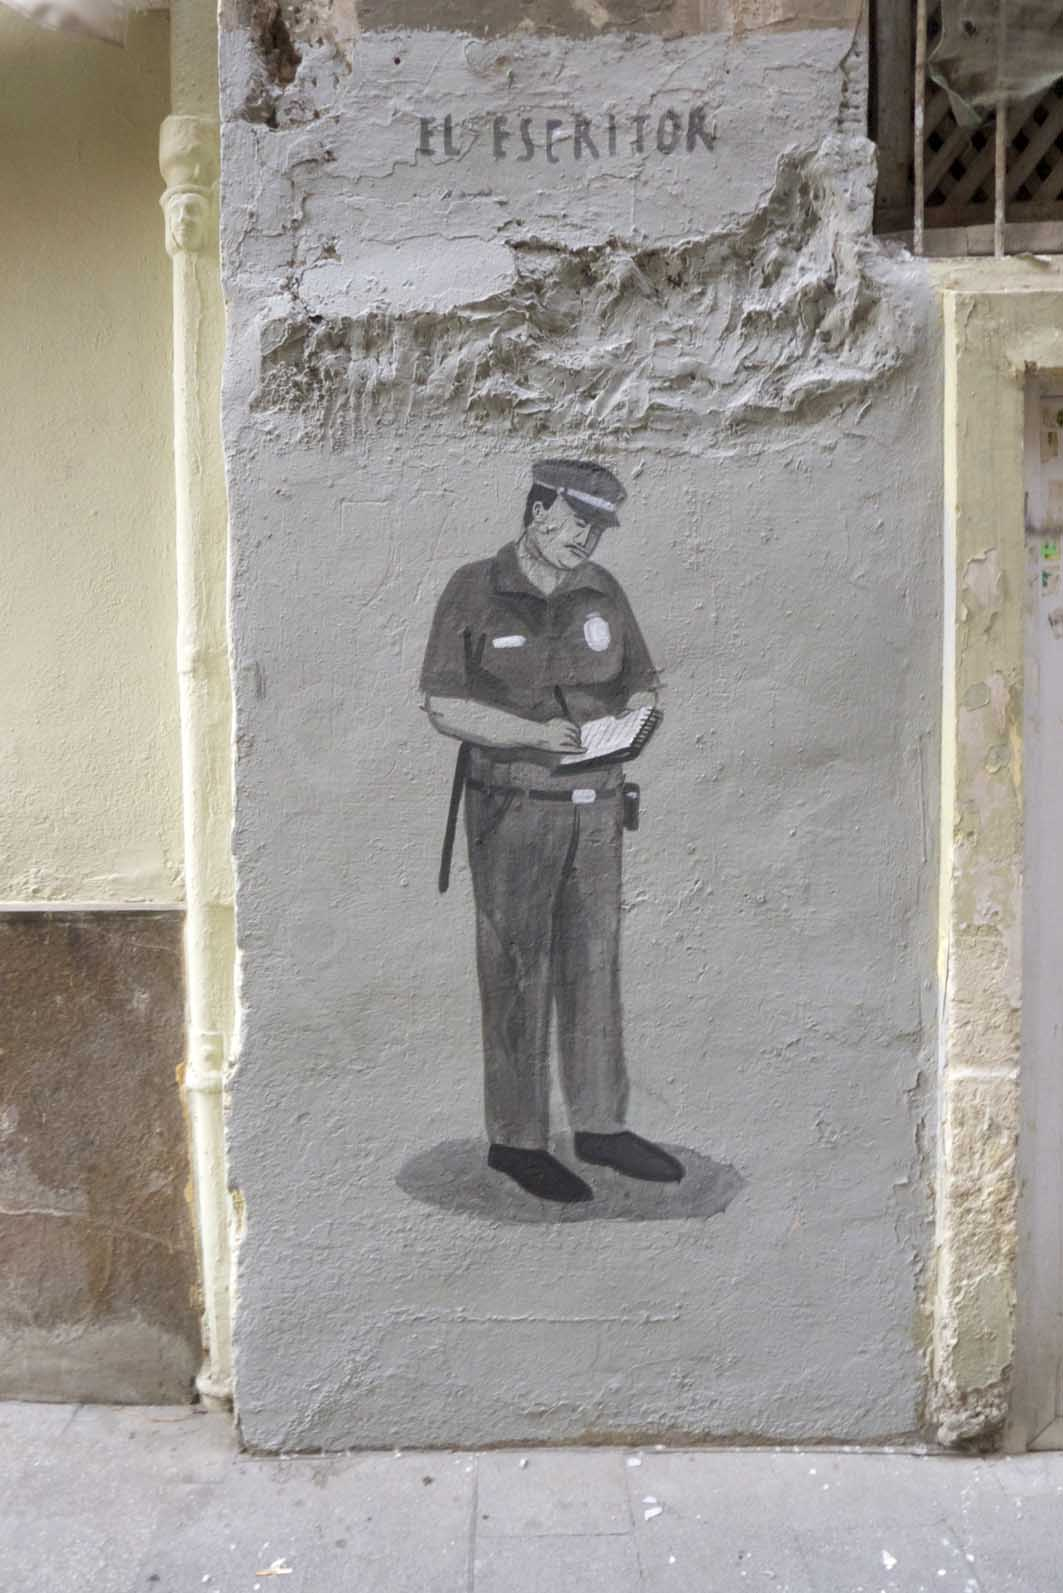 escif-the-writer-new-mural-in-valencia-02